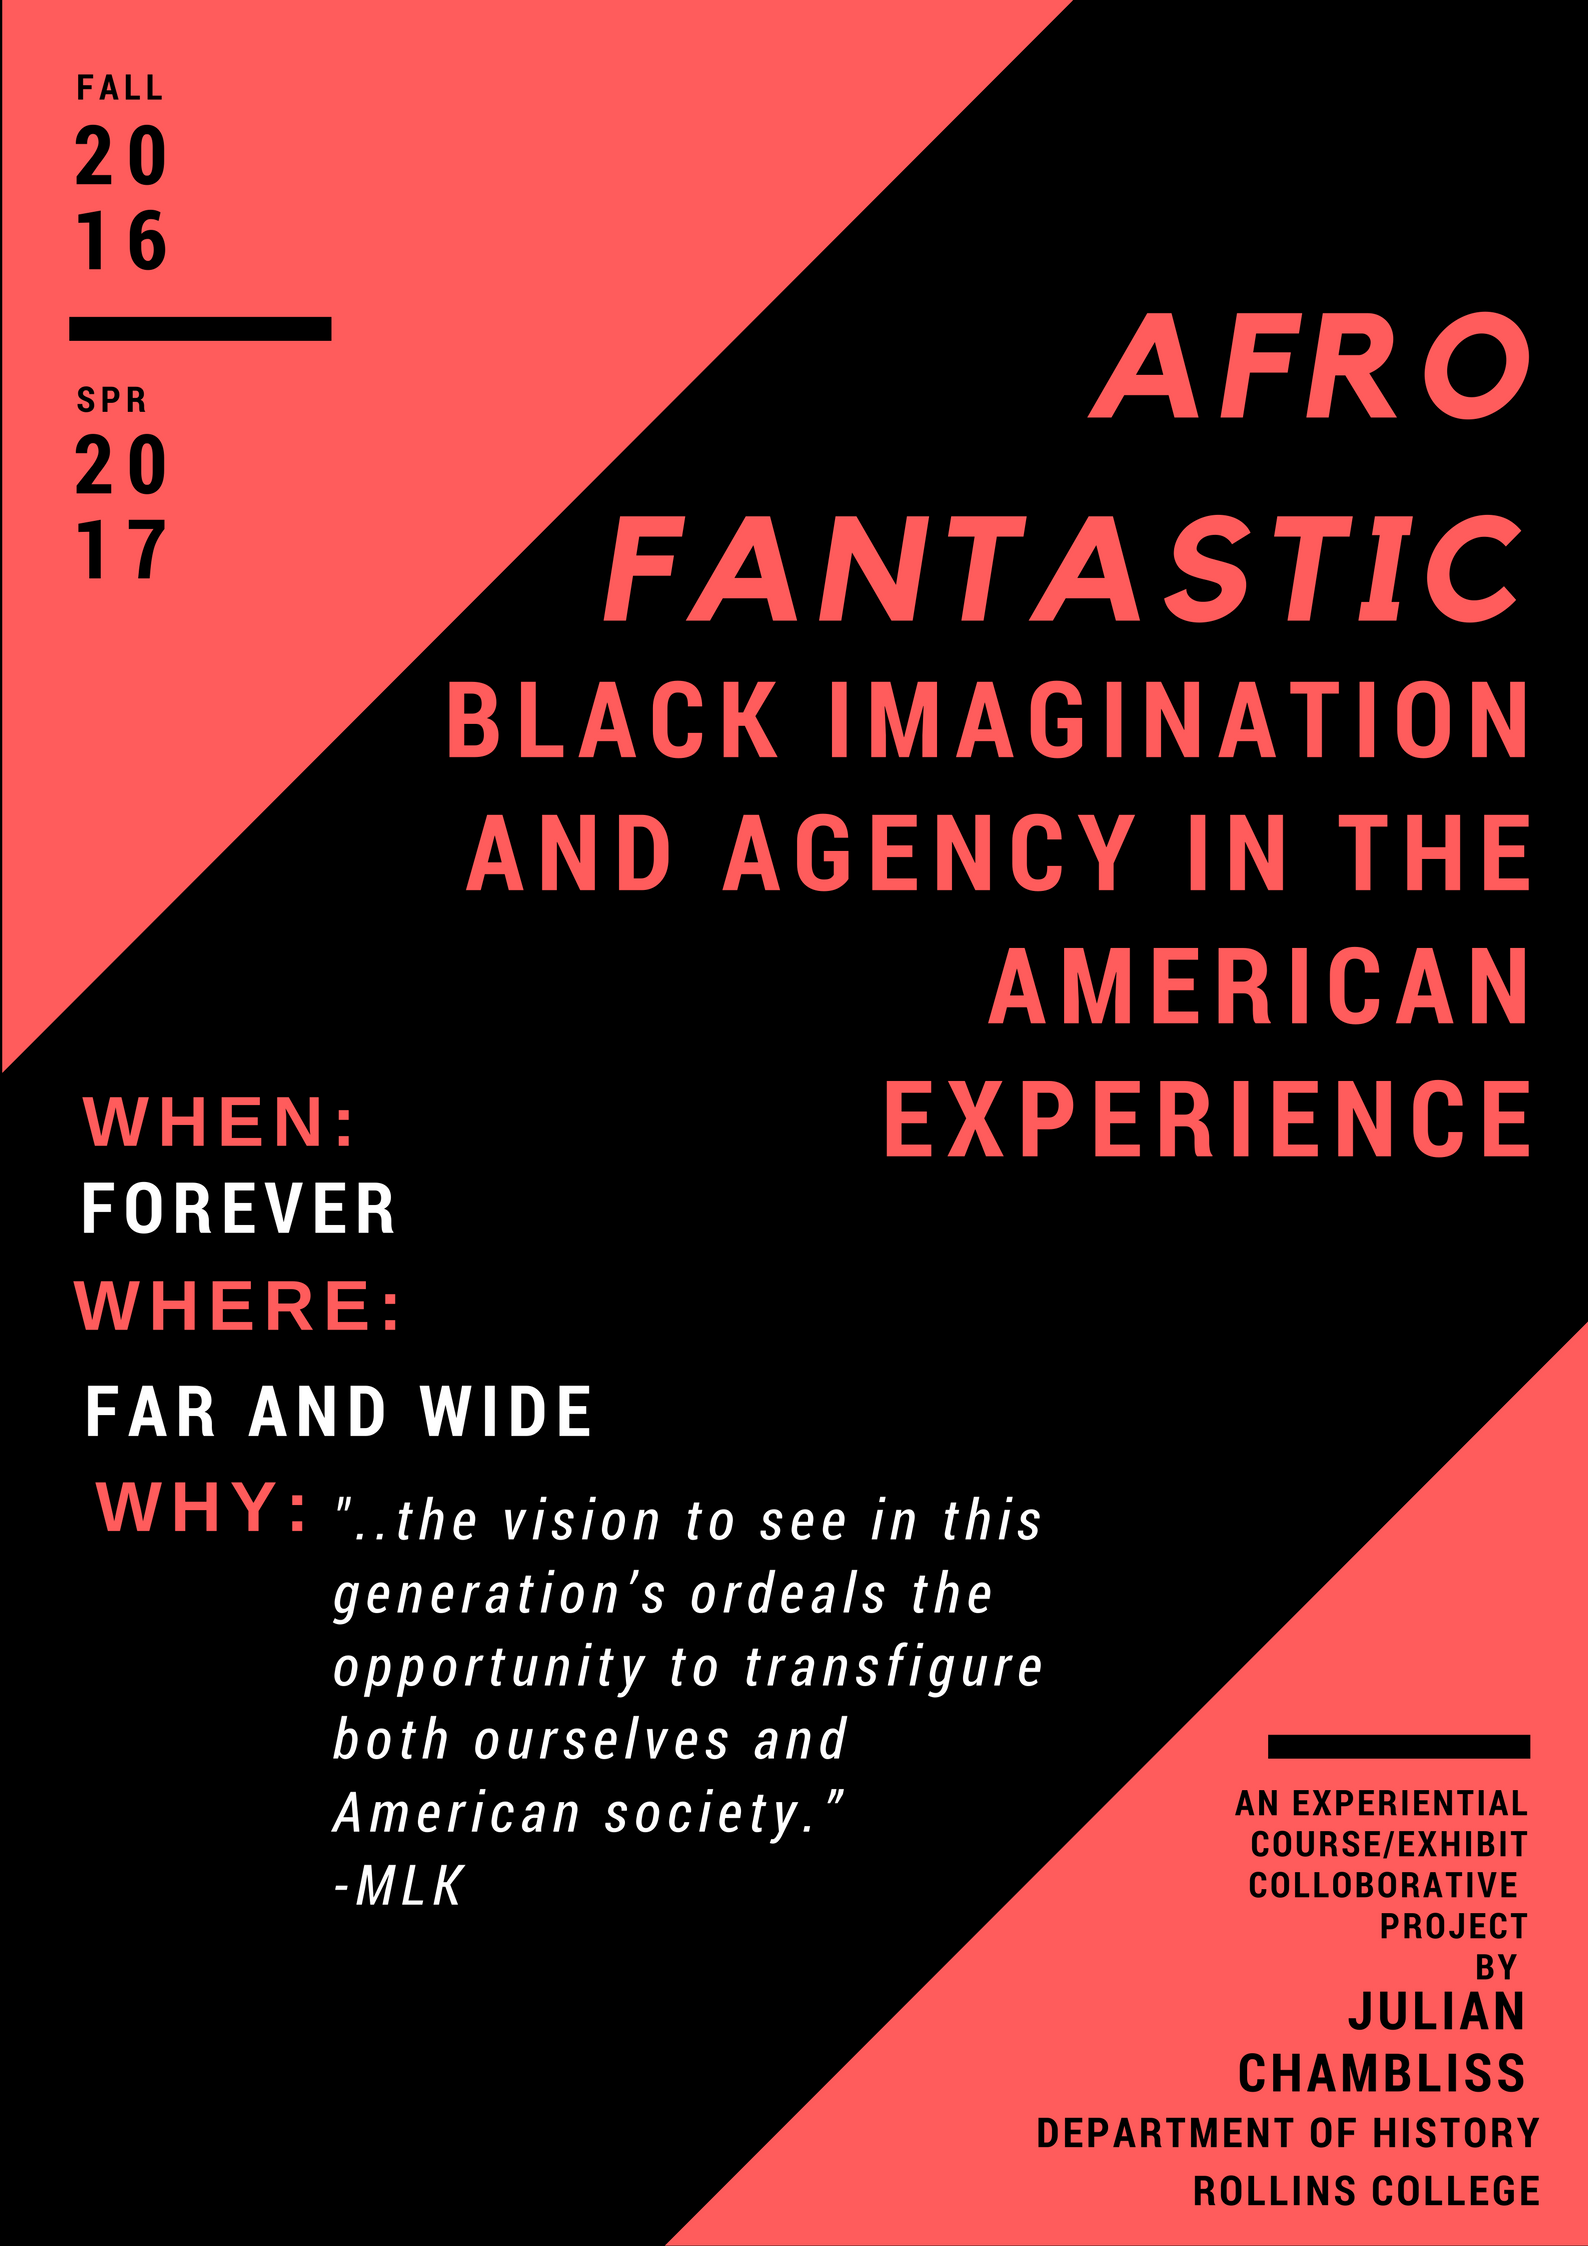 Afrofantastic